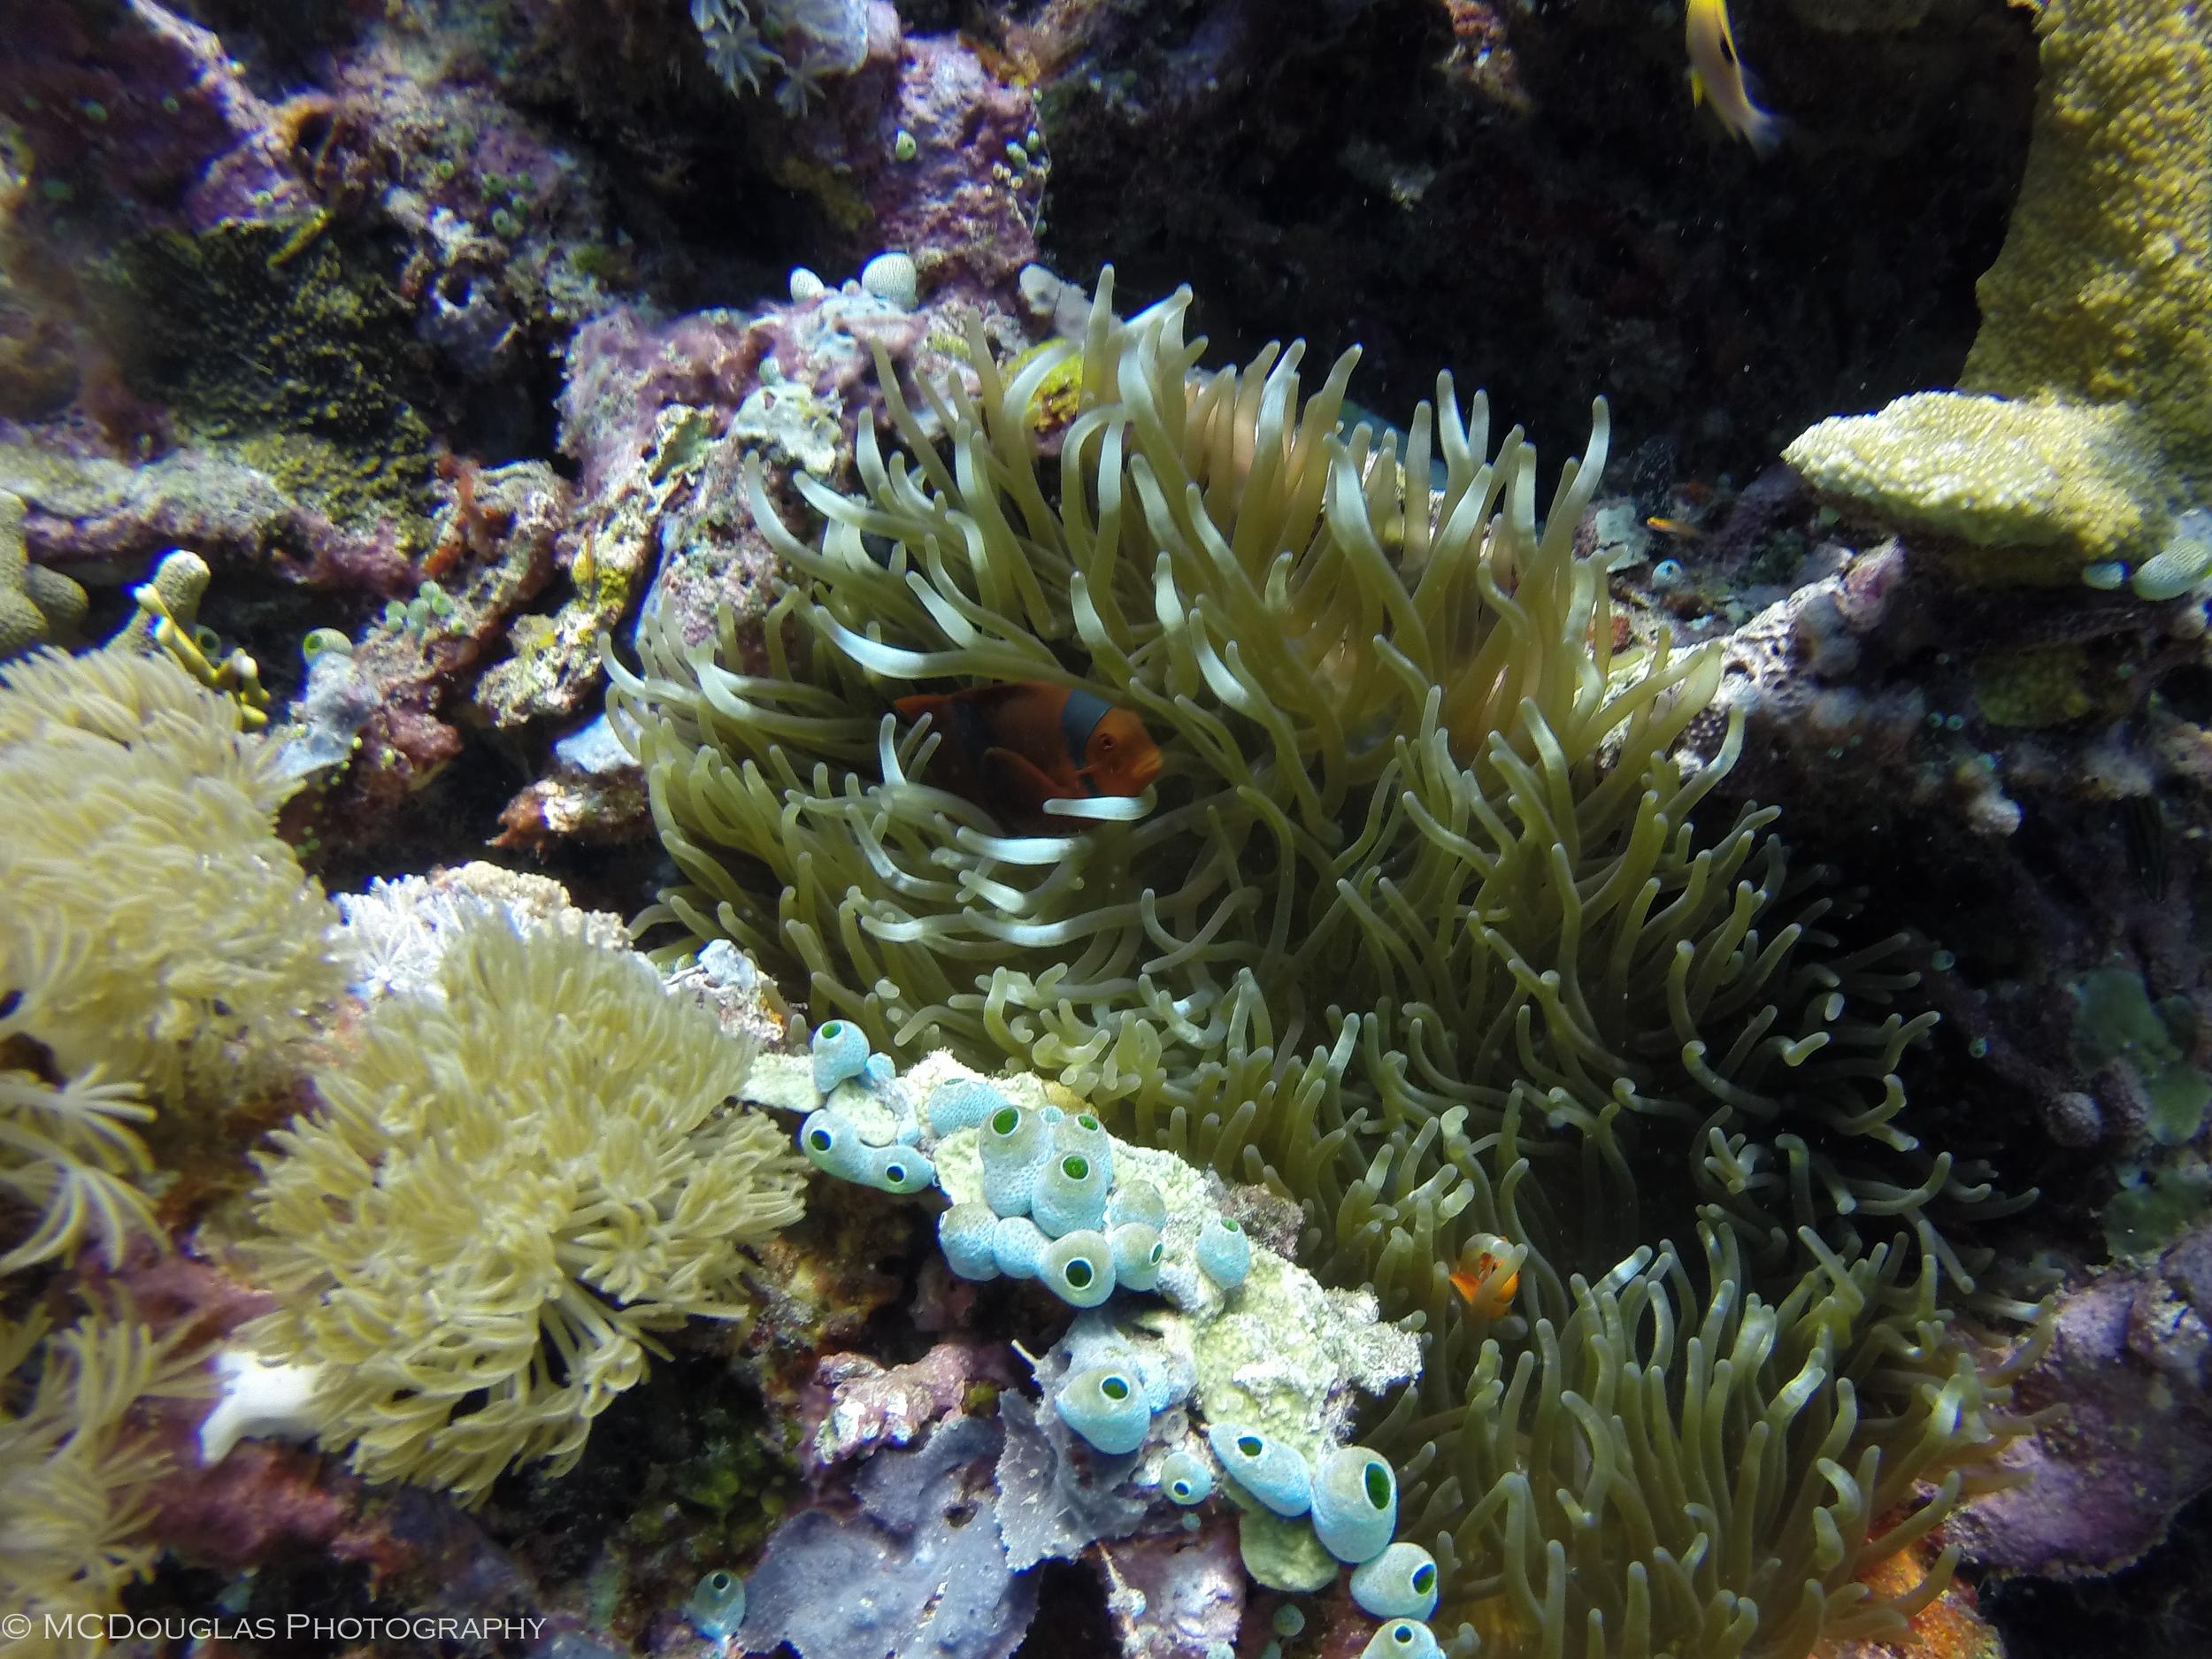 Underwater-0303.jpg